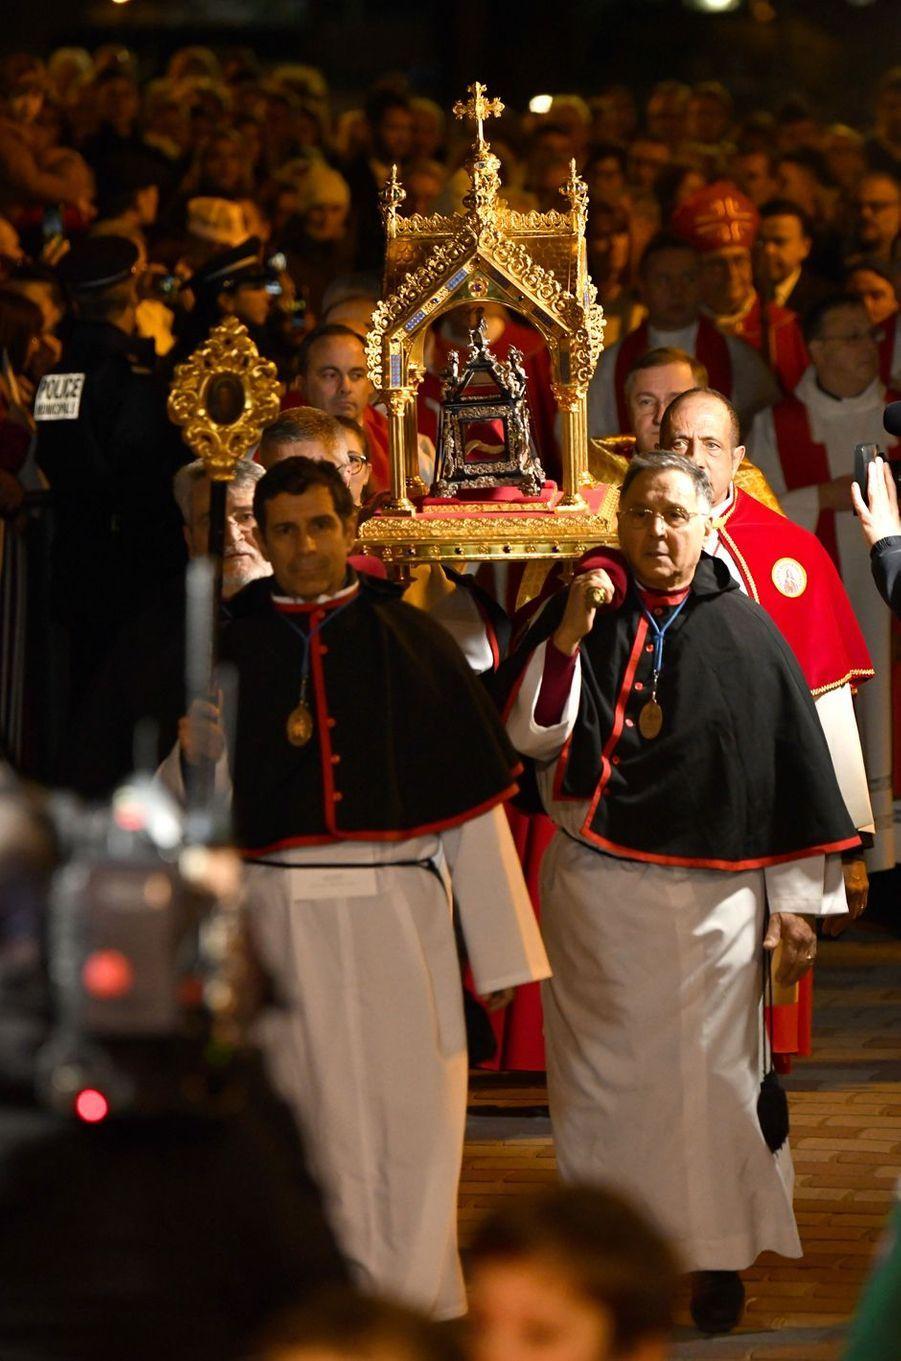 La procession de Sainte-Dévote à Monaco, le 26 janvier 2020